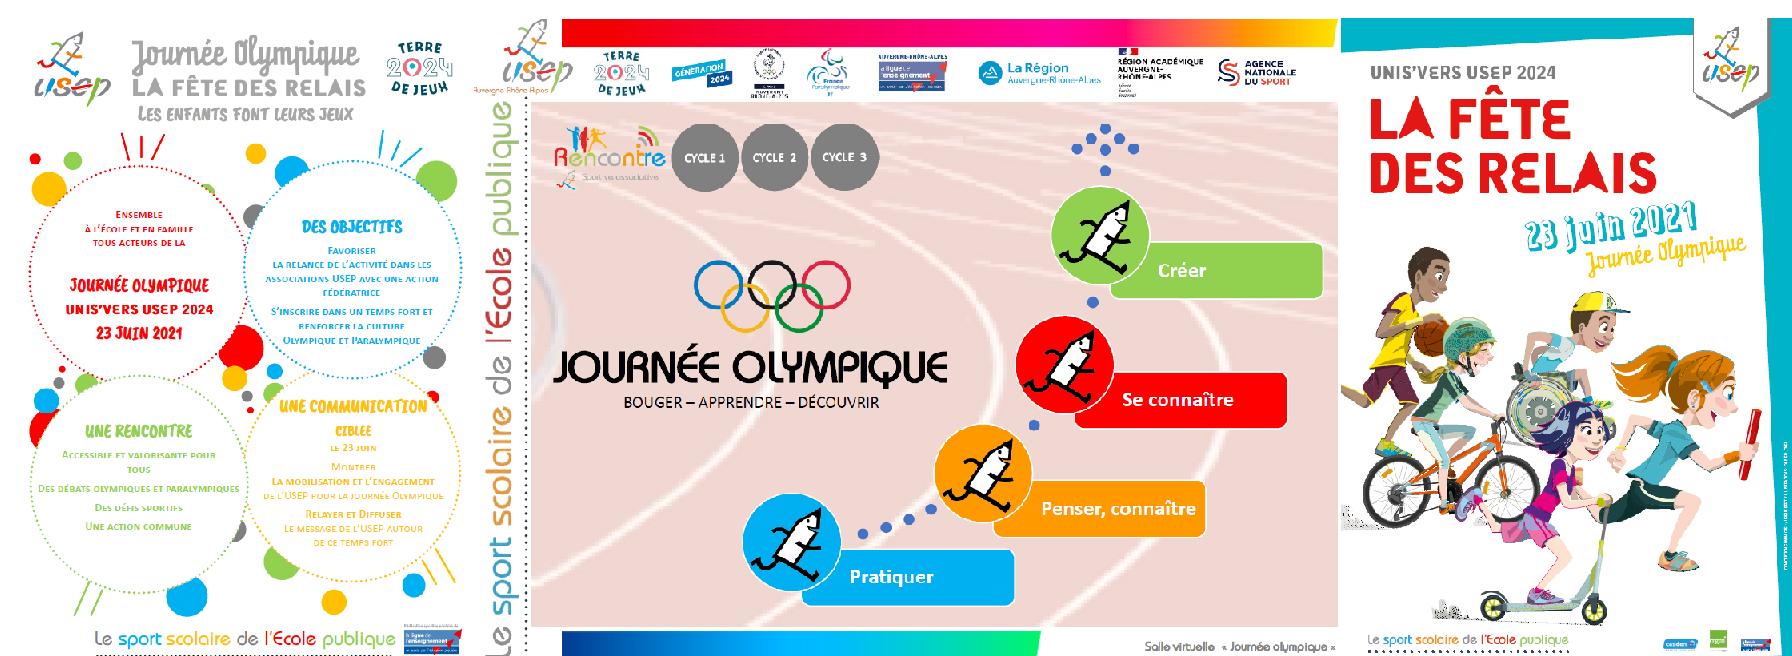 Journée Olympique 2021